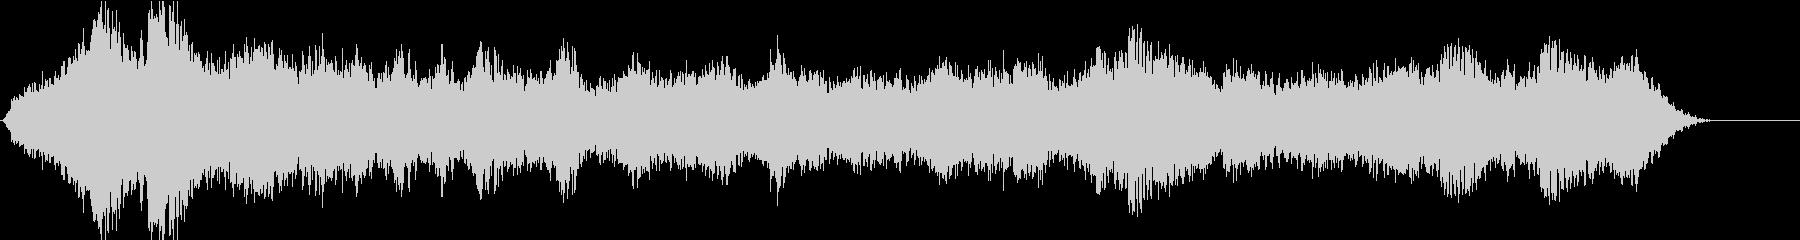 ドローン エジプト高02の未再生の波形